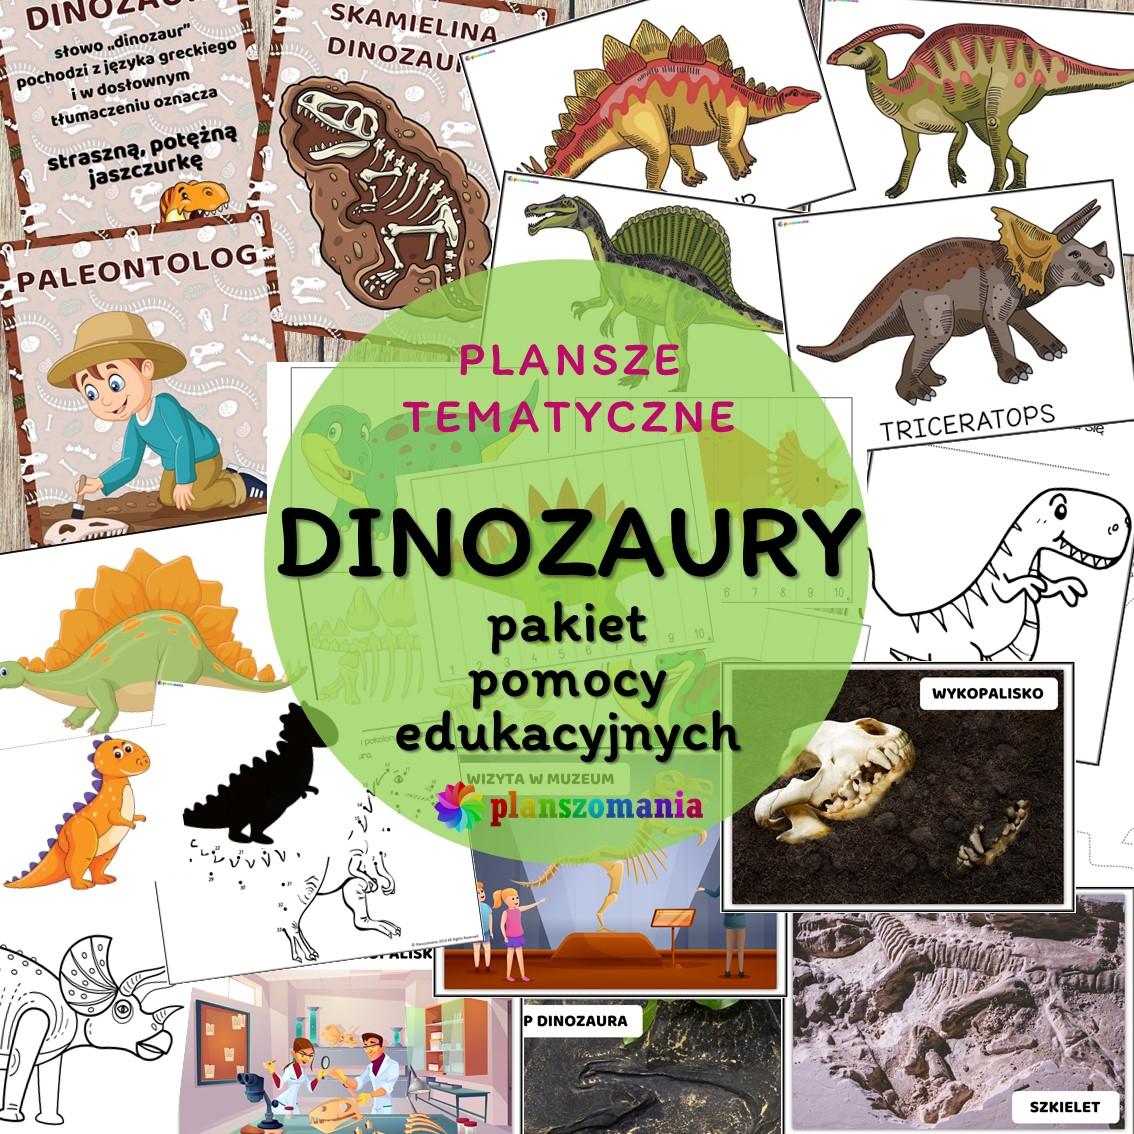 Dinozaury pakiet pomocy edukacyjnych świat odkrywców pdf do pobrania scenariusz zajęć